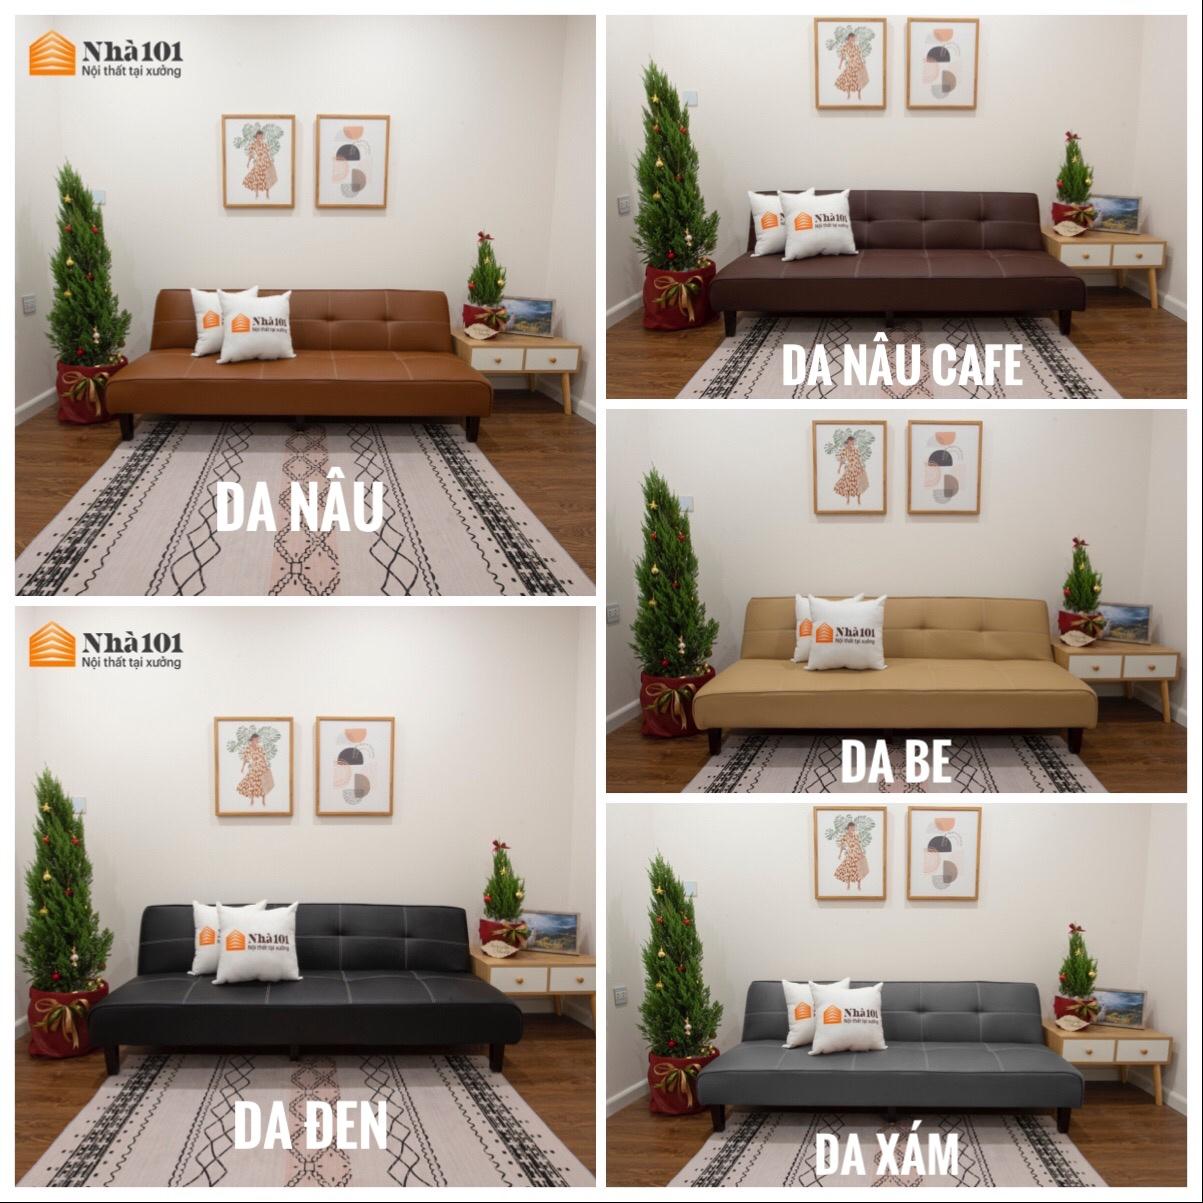 Sofa Bed Sofa Giường Đa Năng Cao Cấp mã F1 4